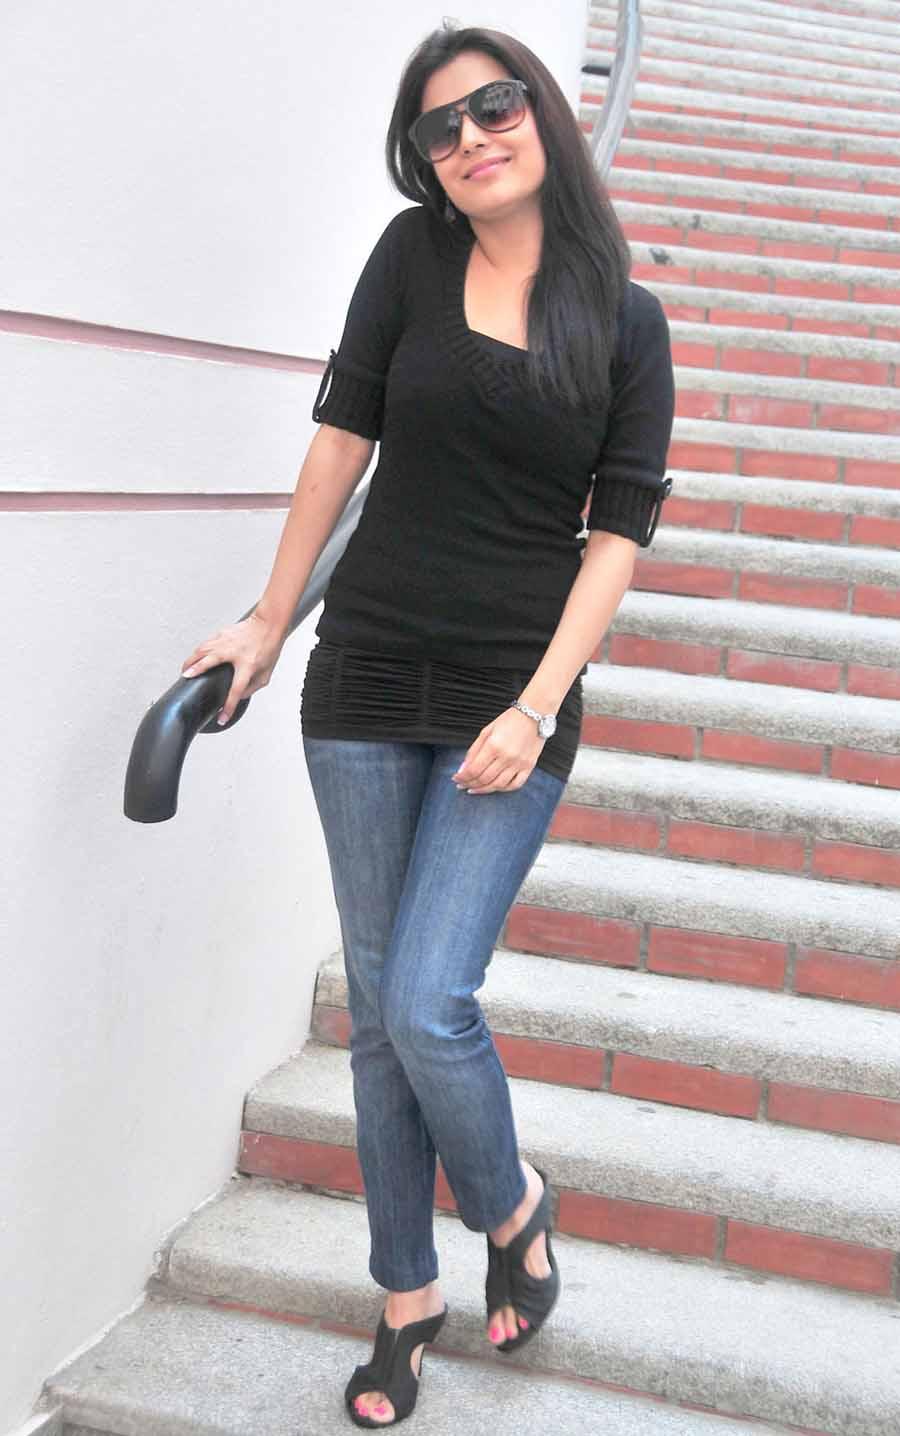 190 Nisha Agarwal Sister Of Kagal Agarwal Hot Sexy -9756